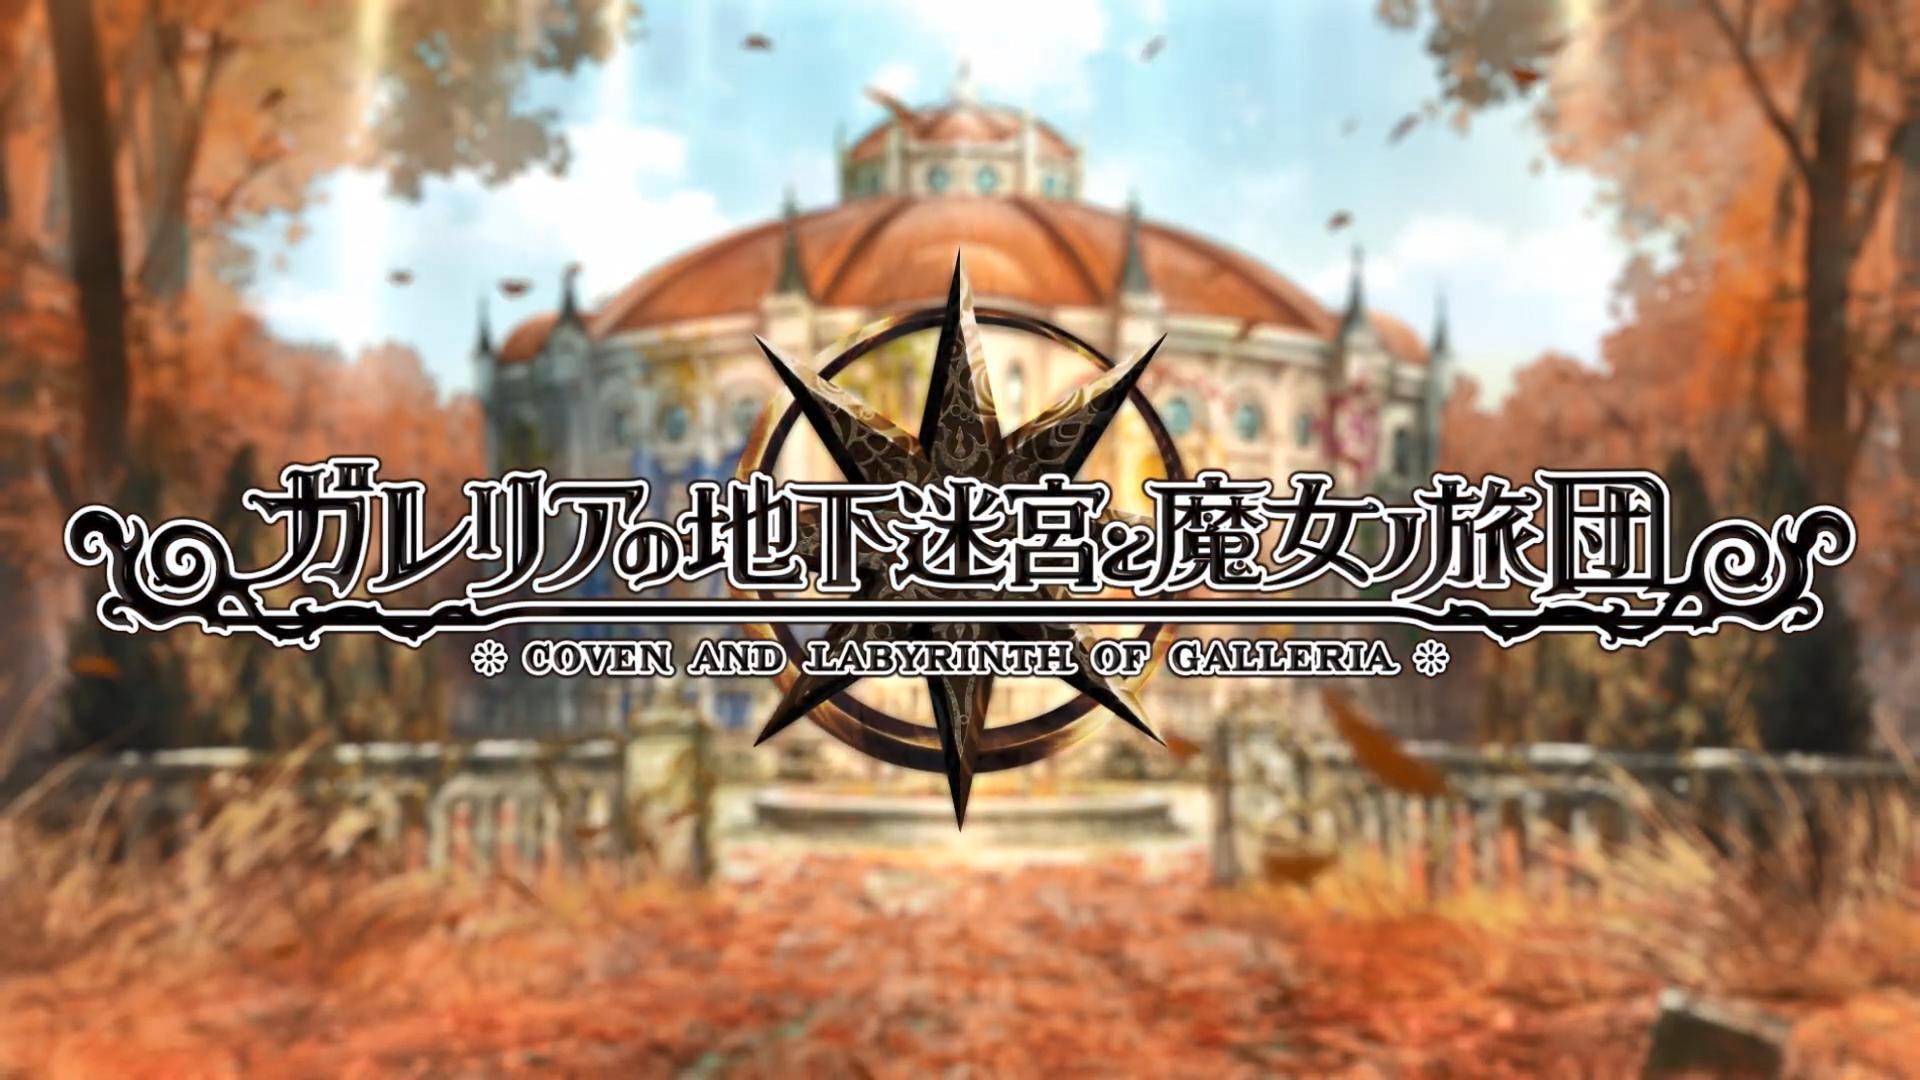 日本一《加雷利亚的地下迷宫与魔女的旅团》NS版预告PV 限定版售价8778日元